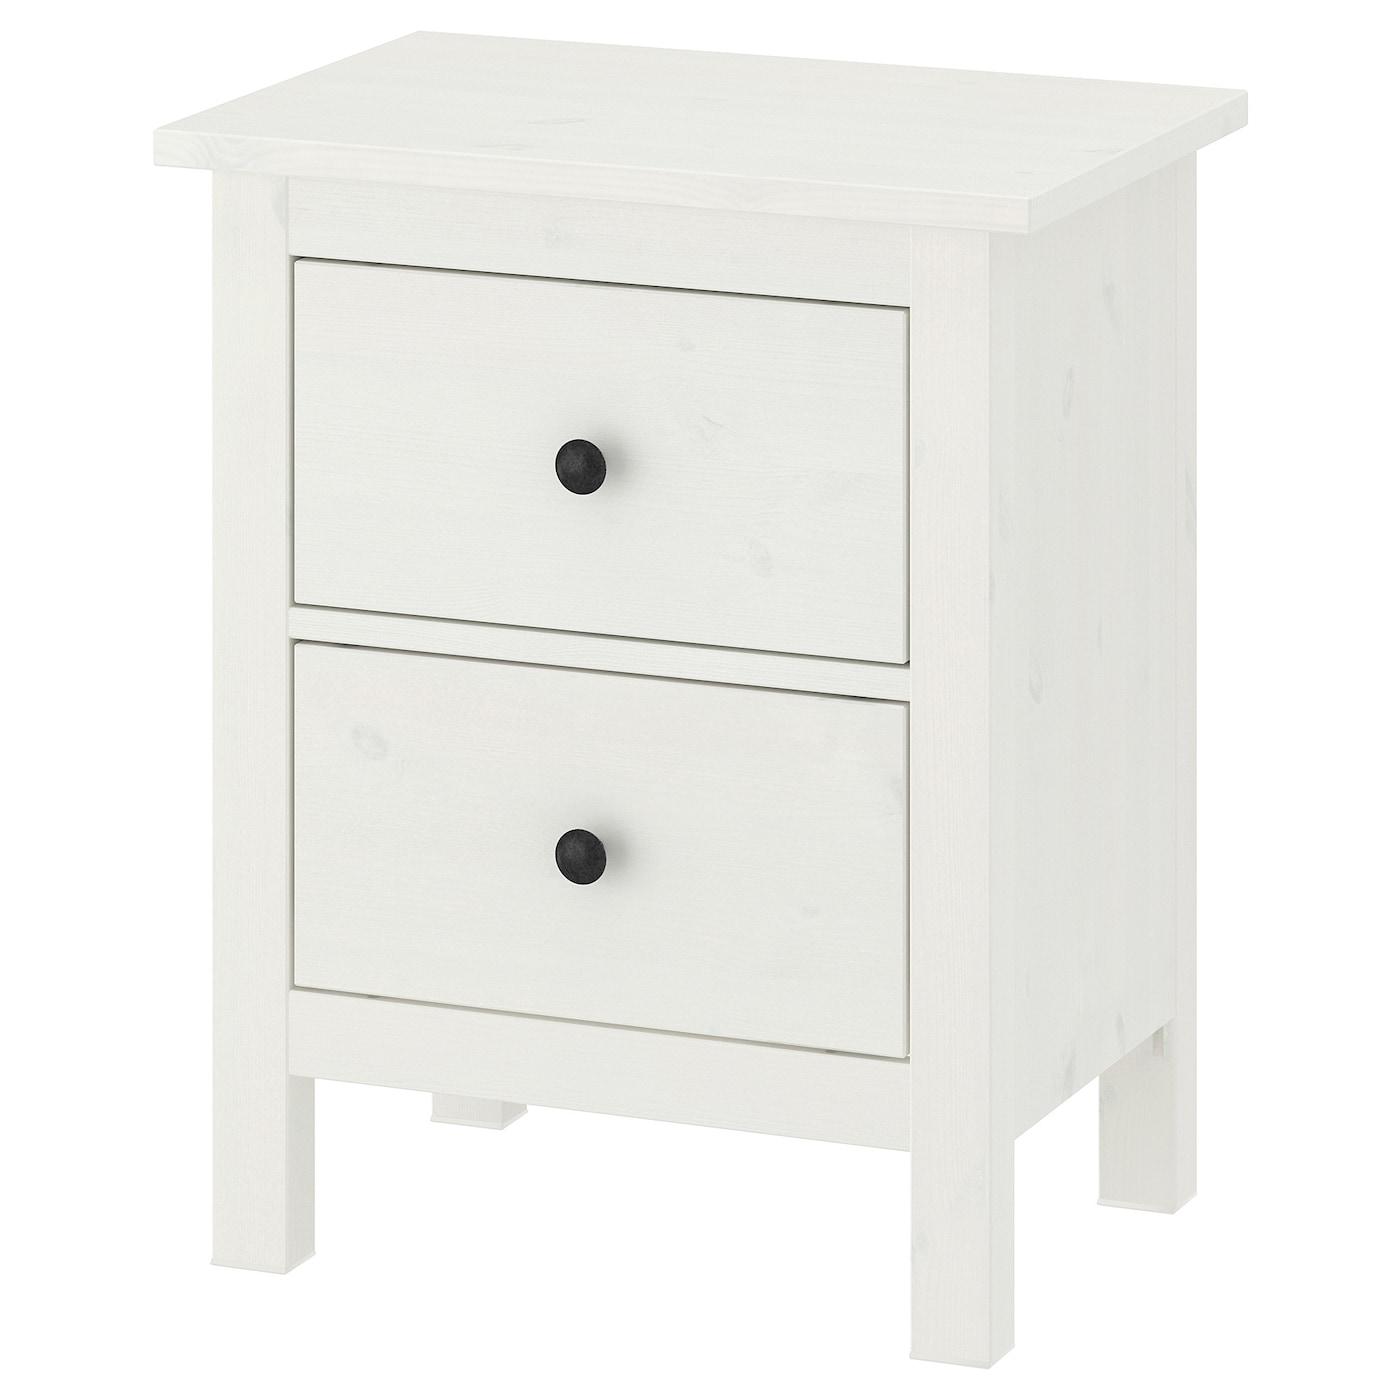 IKEA HEMNES biała, sosnowa komoda z dwiema szufladami, 54x66 cm